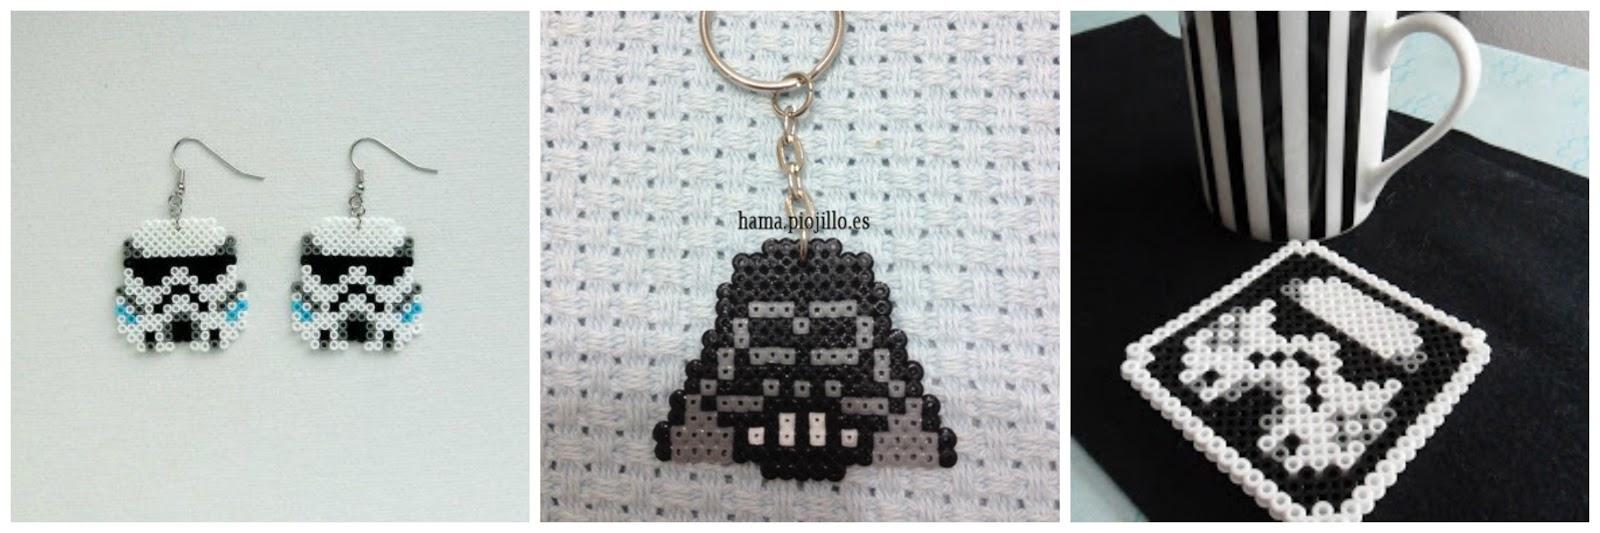 Star Wars, el despertar de los DIY - Handbox Craft Lovers ...